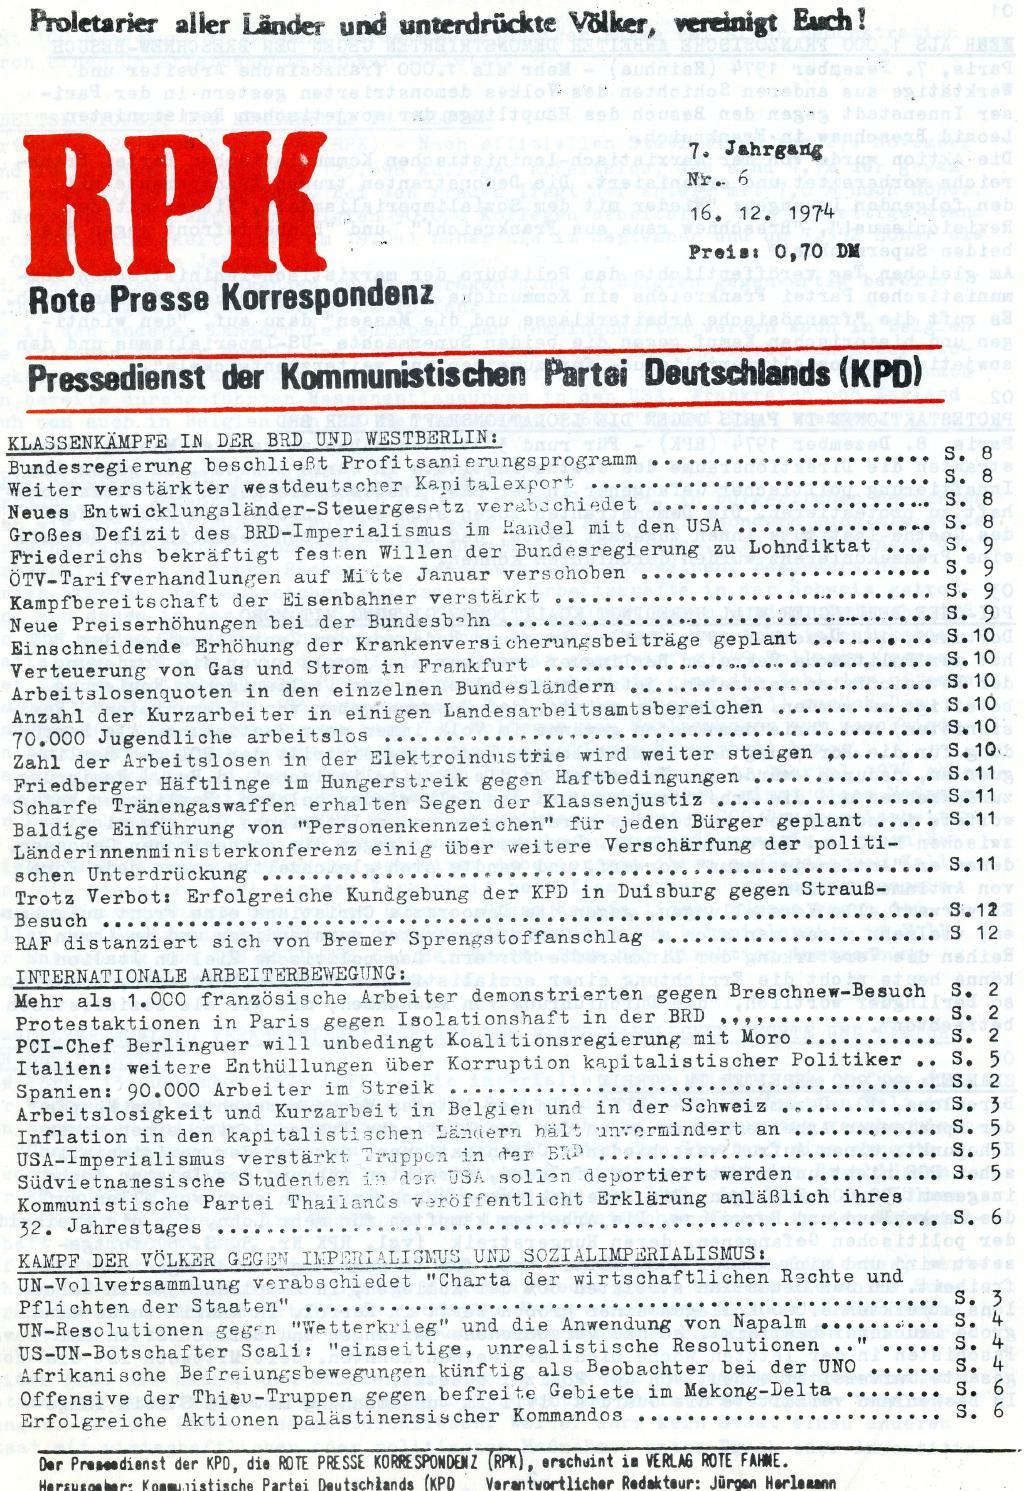 RPK_Pressedienst_1974_06_01